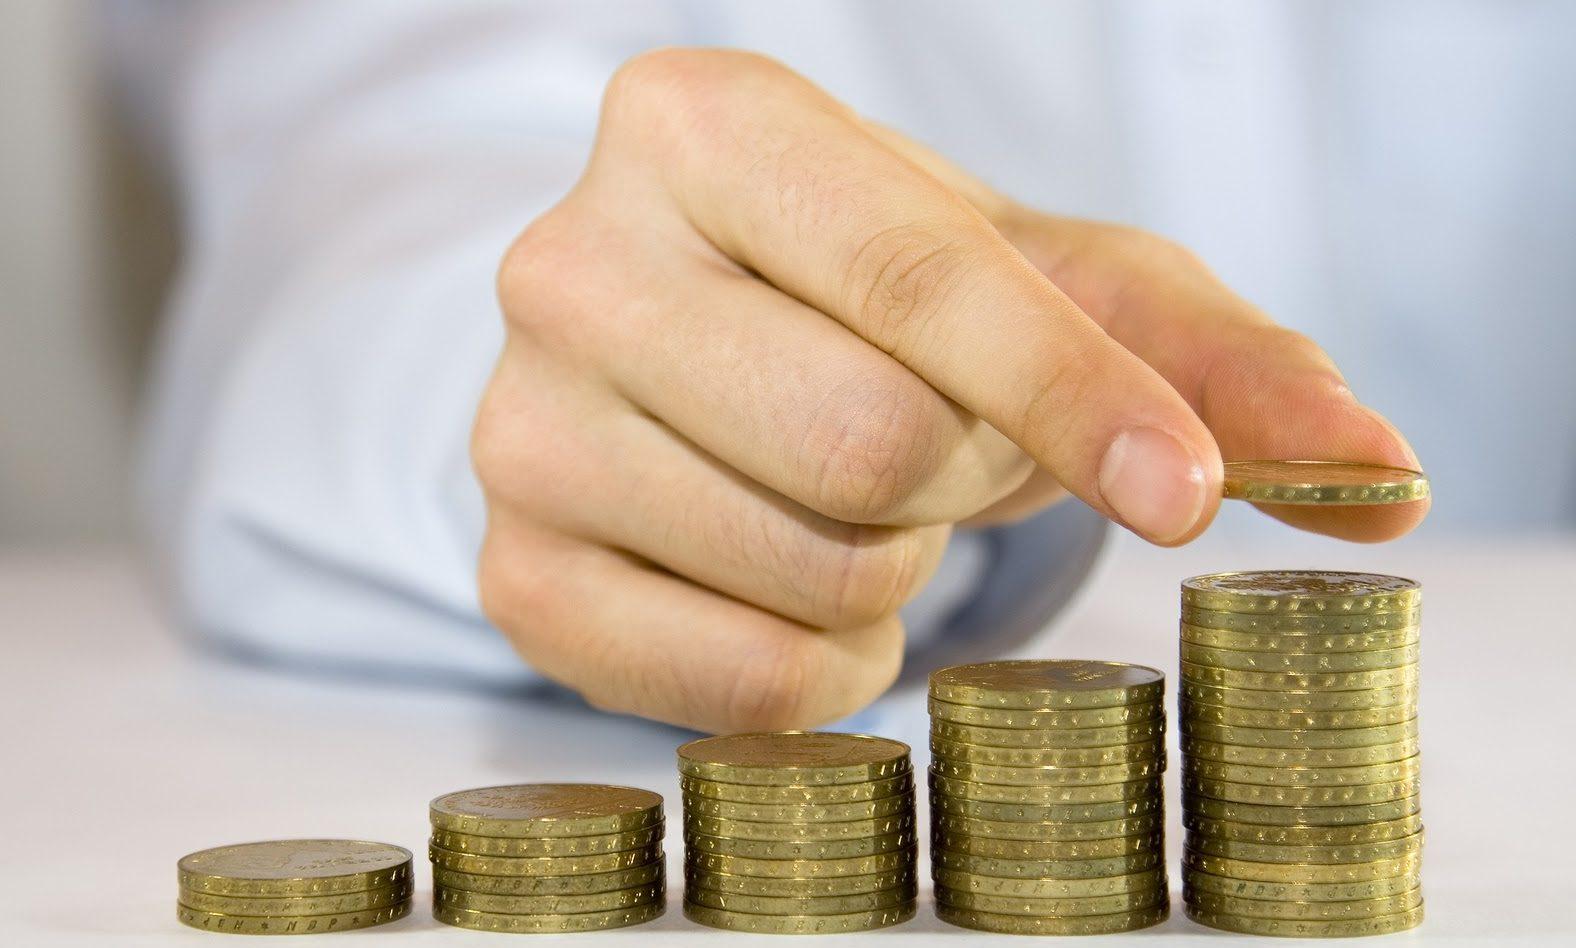 hogyan lehet pénzt keresni a munkahelyen ülve)